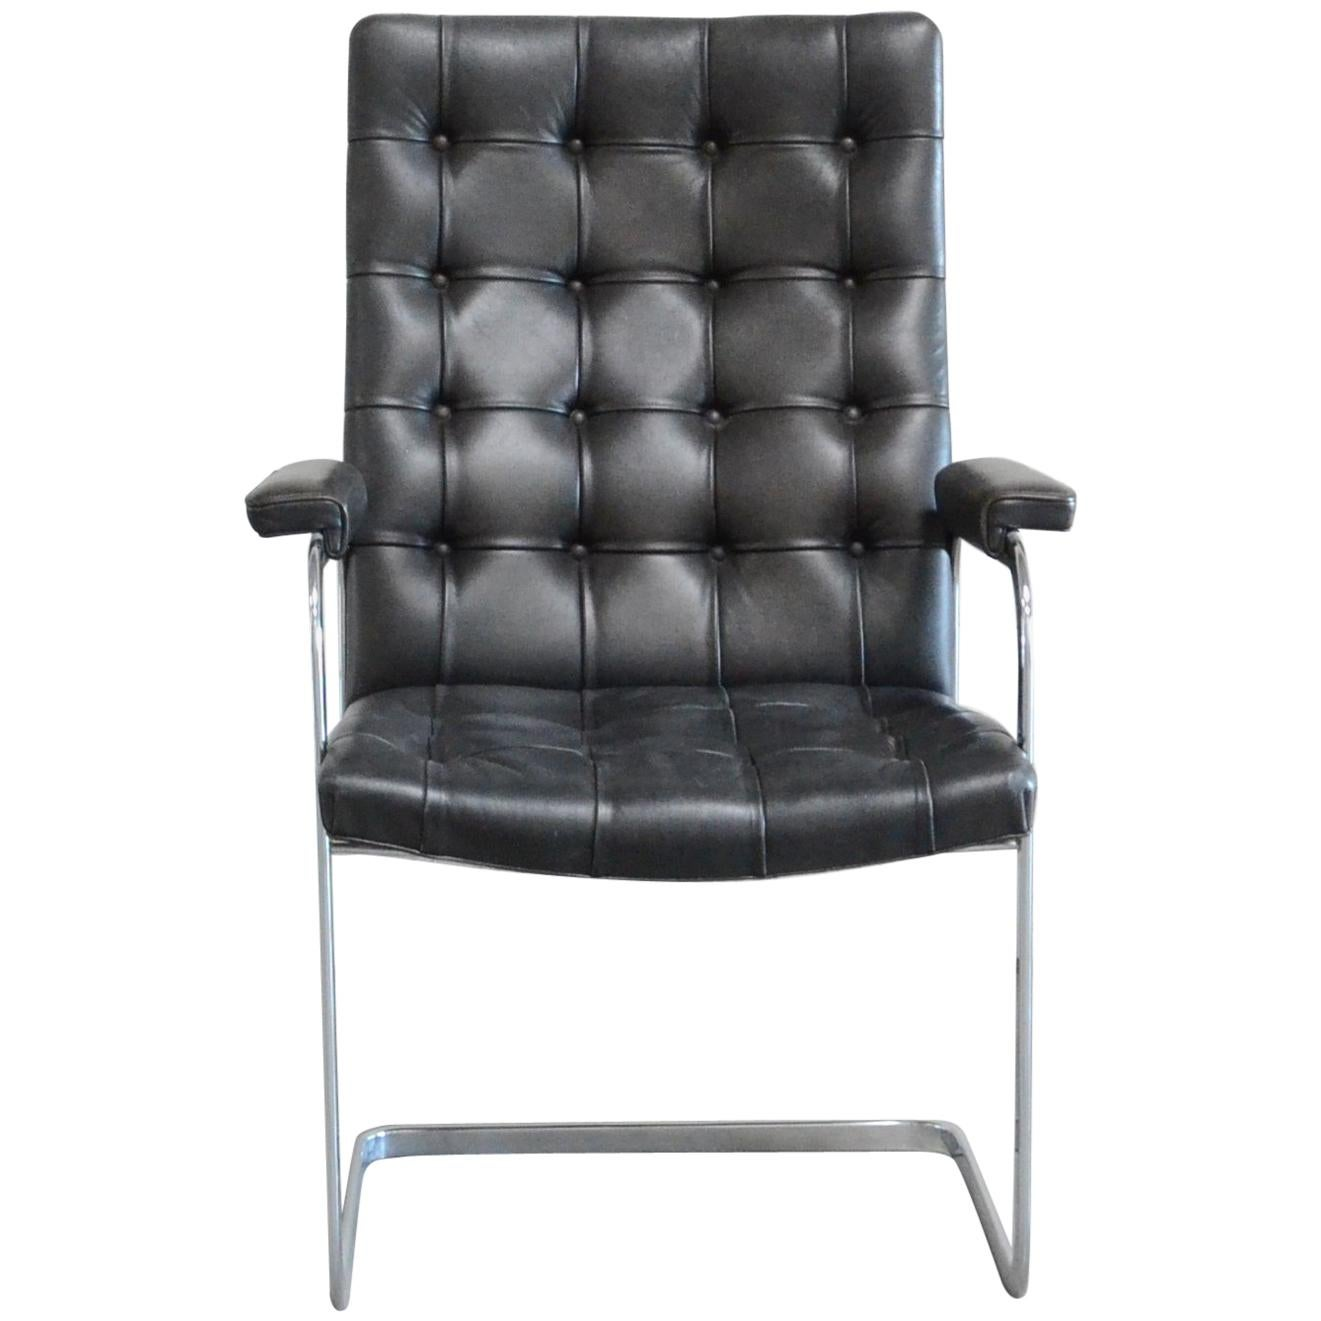 Robert Haussmann De Sede Rh 305 Highback Chair Black